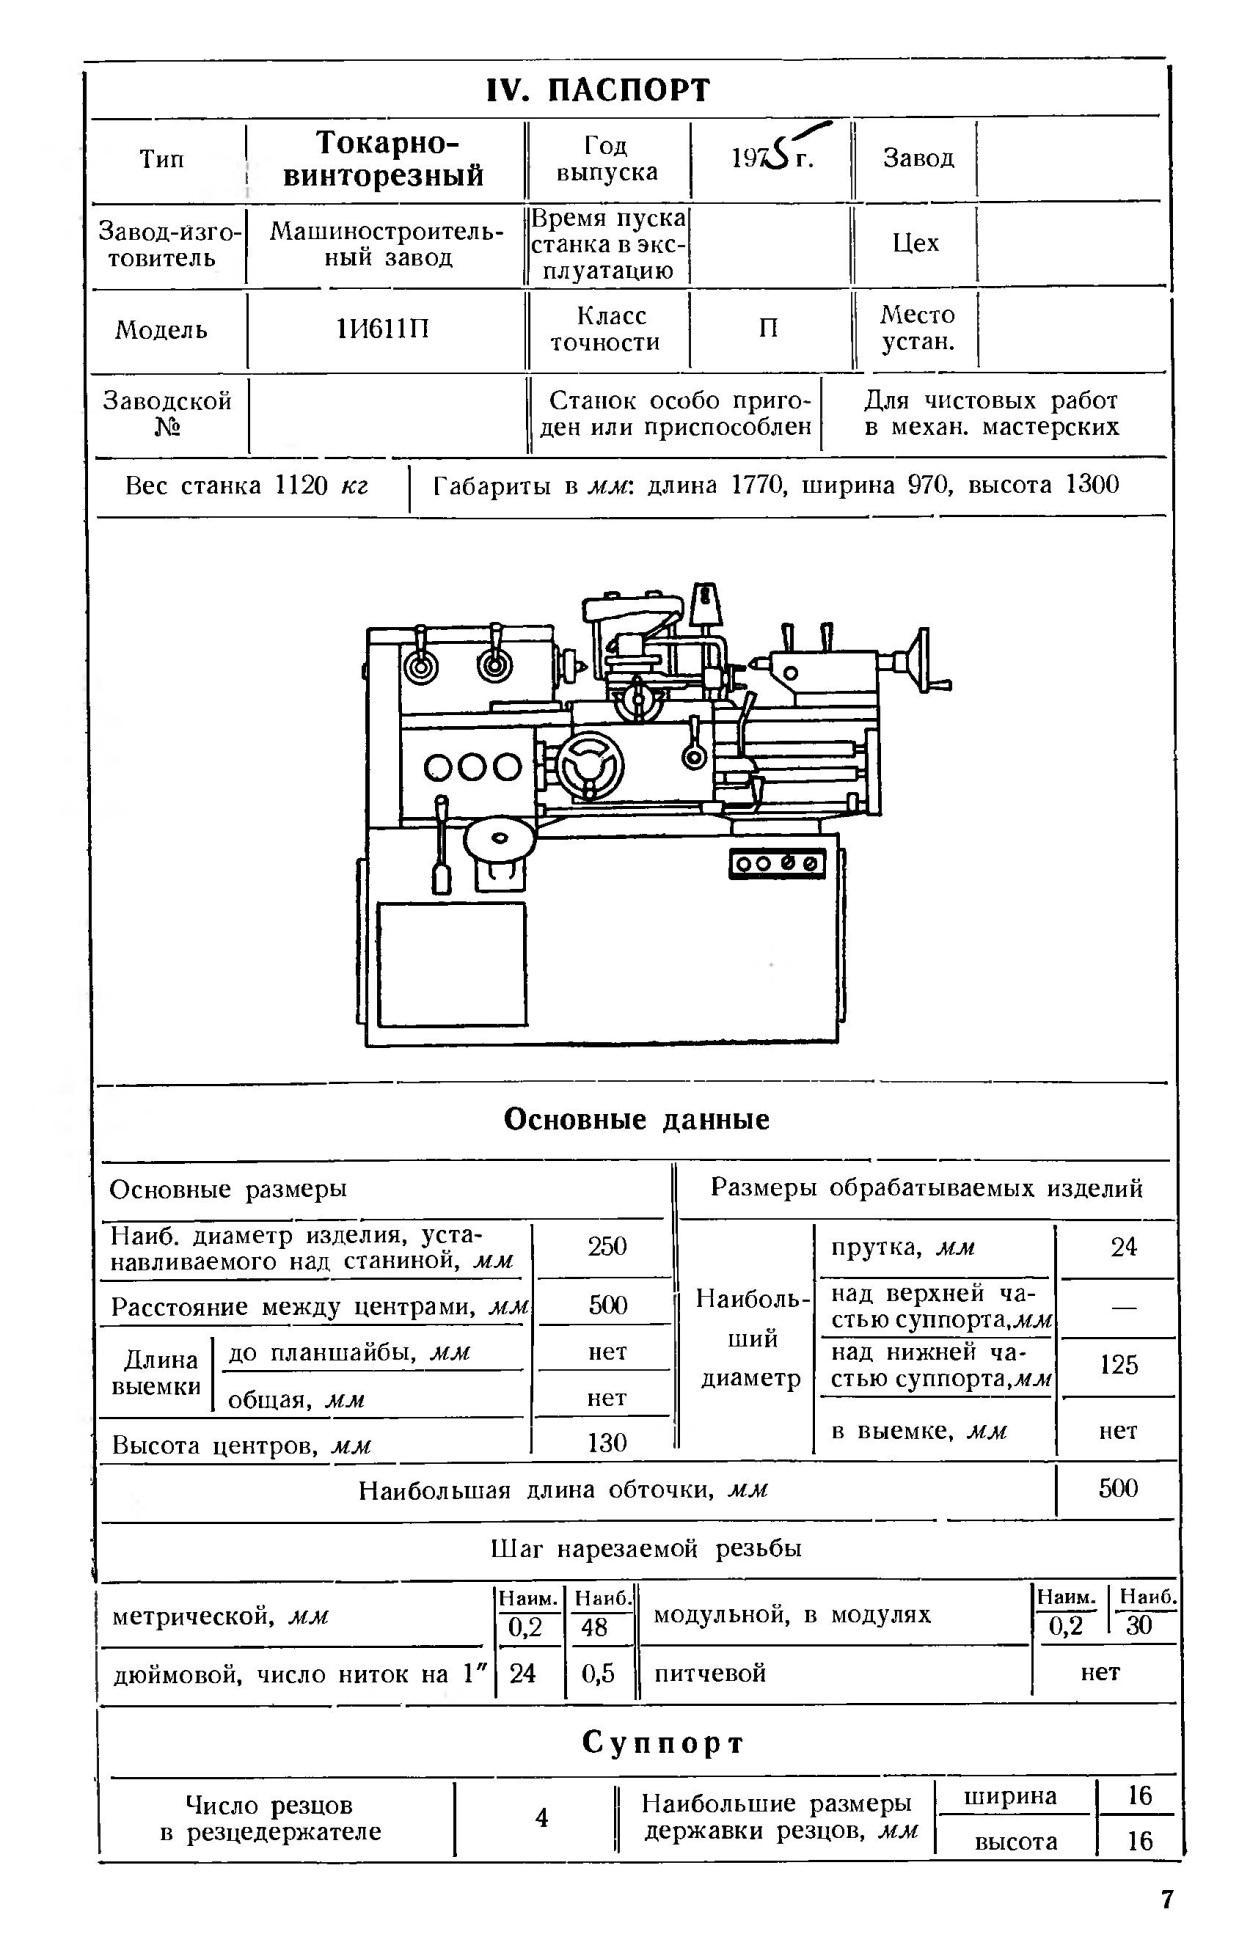 Токарный станок 1п611 — технические характеристики, инструкция